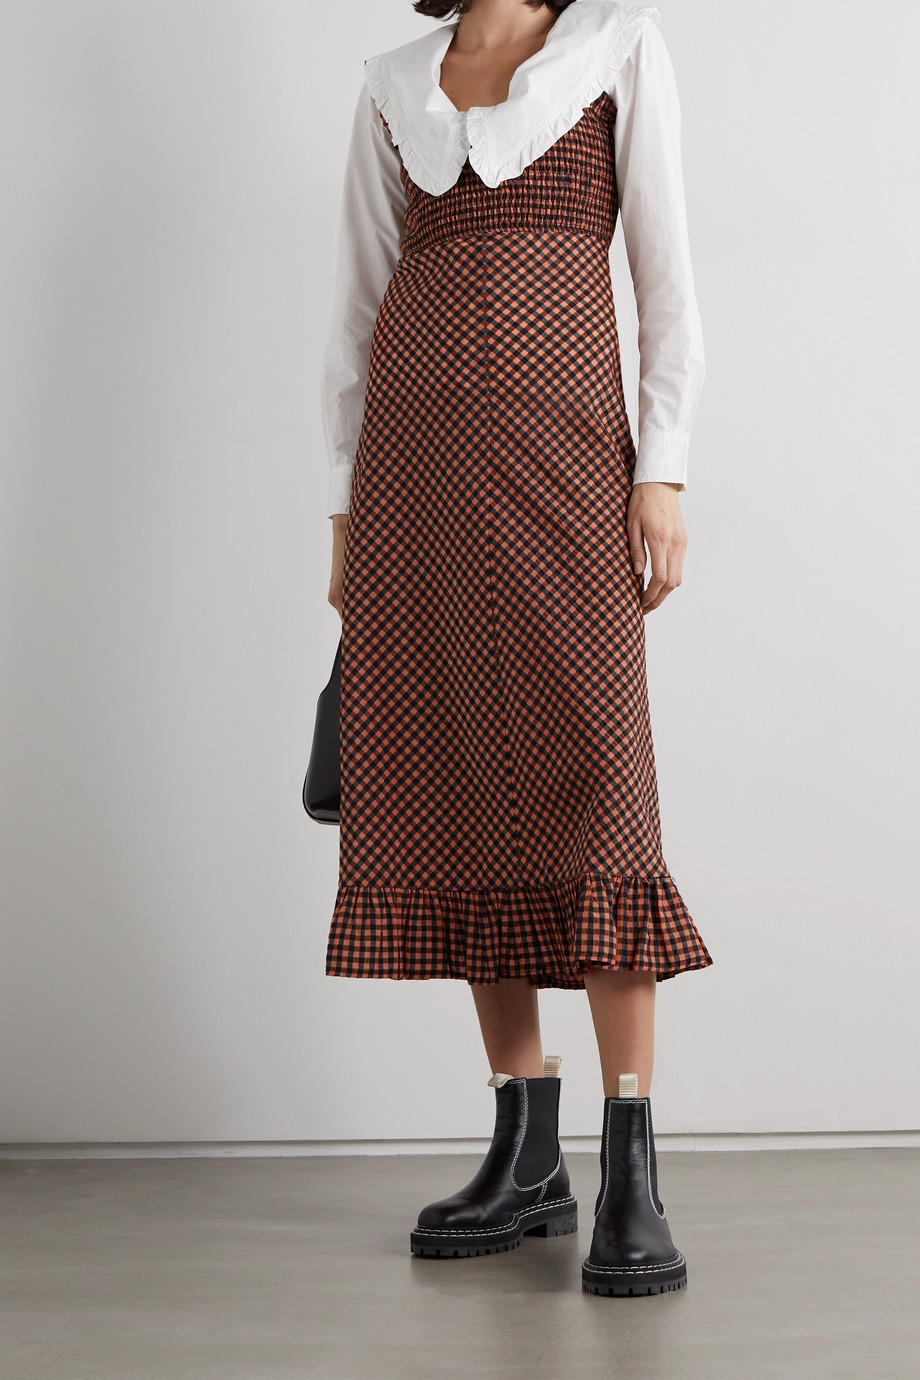 GANNI 荷叶边皱褶装饰方格泡泡纱中长连衣裙